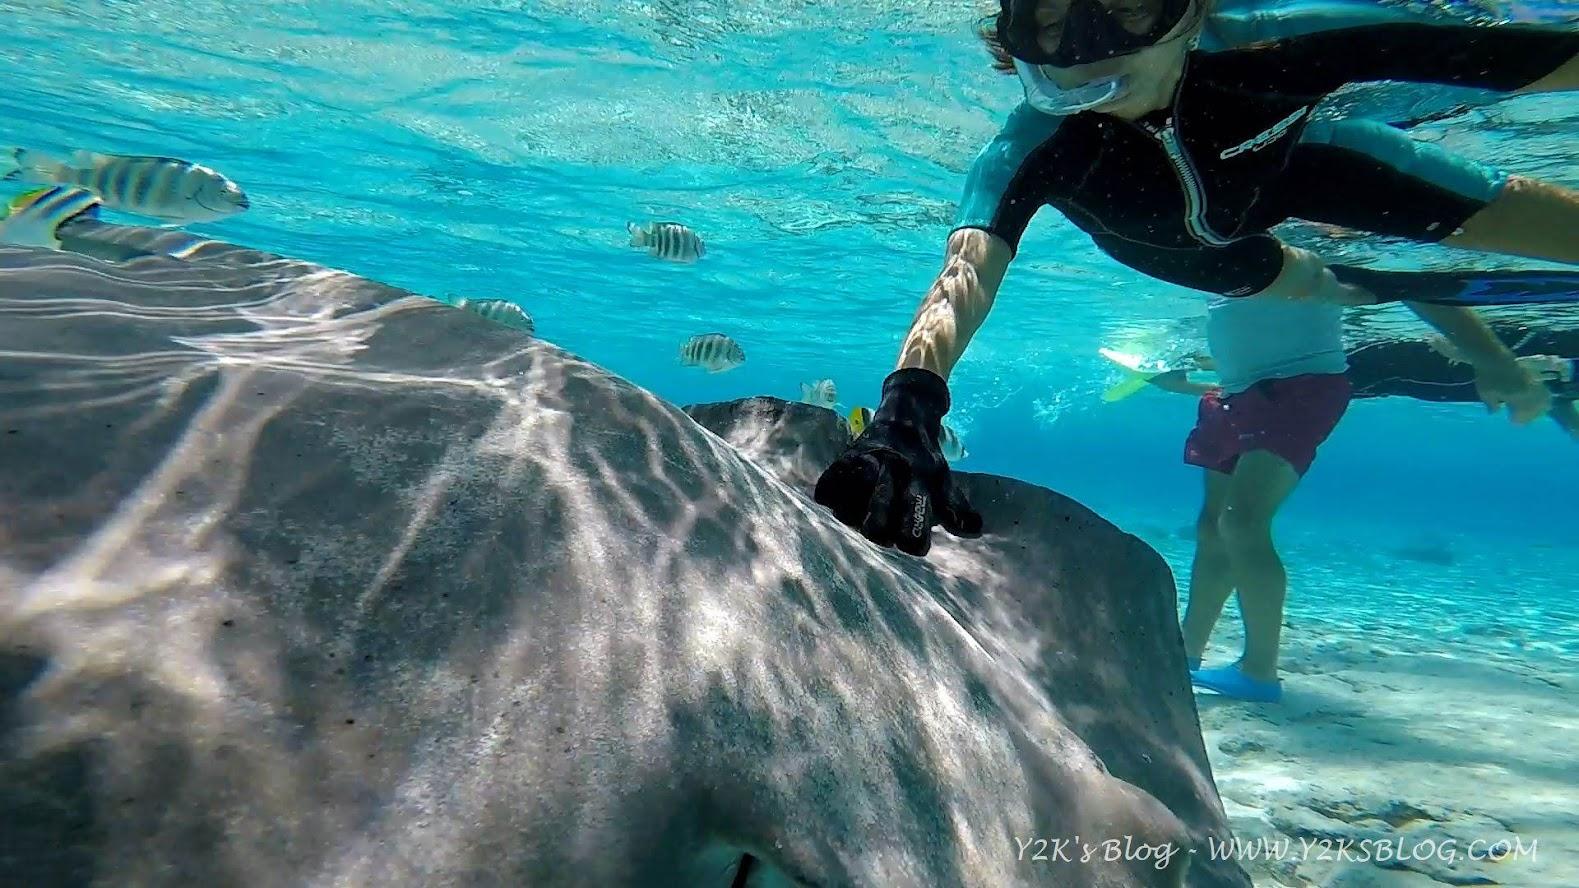 Ale accarezza un trigone di notevoli dimensioni - Bora Bora